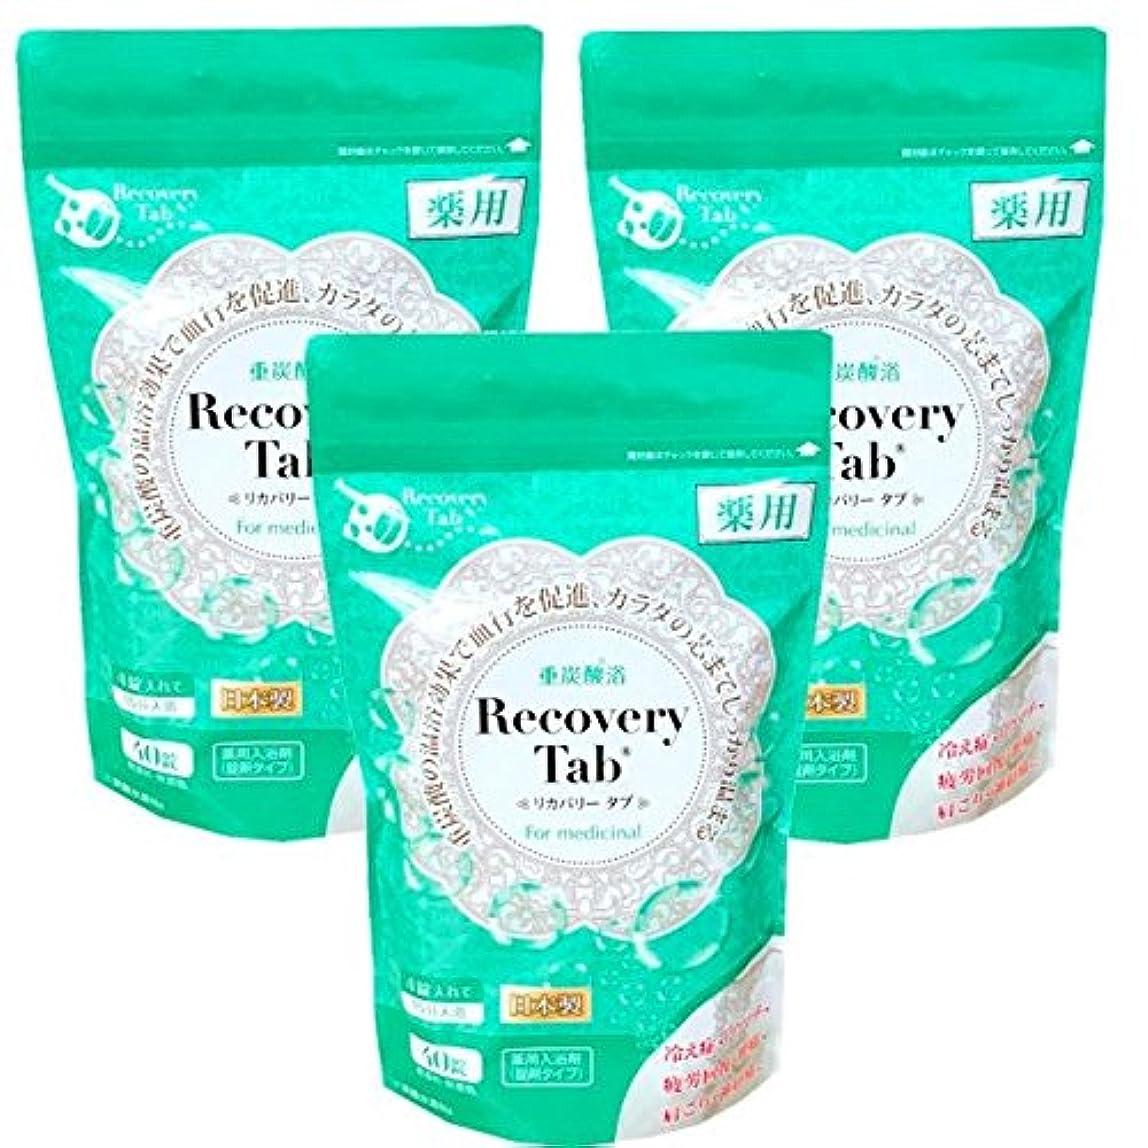 腹部待ってサージ薬用リカバリータブ 40錠入 3個セット 薬用入浴剤 日本製